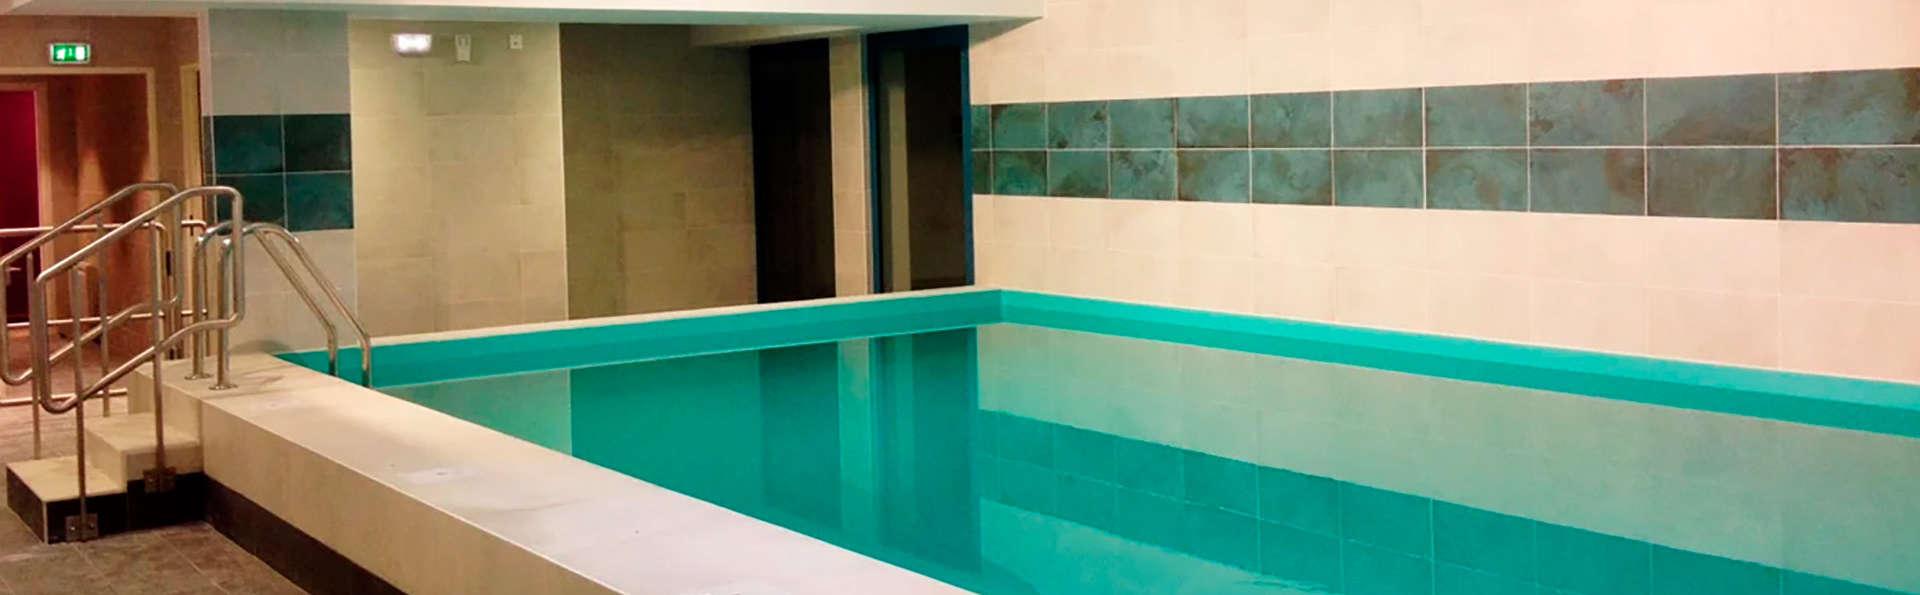 Nemea Appart'Hotel Résidence Le Quai Victor - EDIT_pool1.jpg